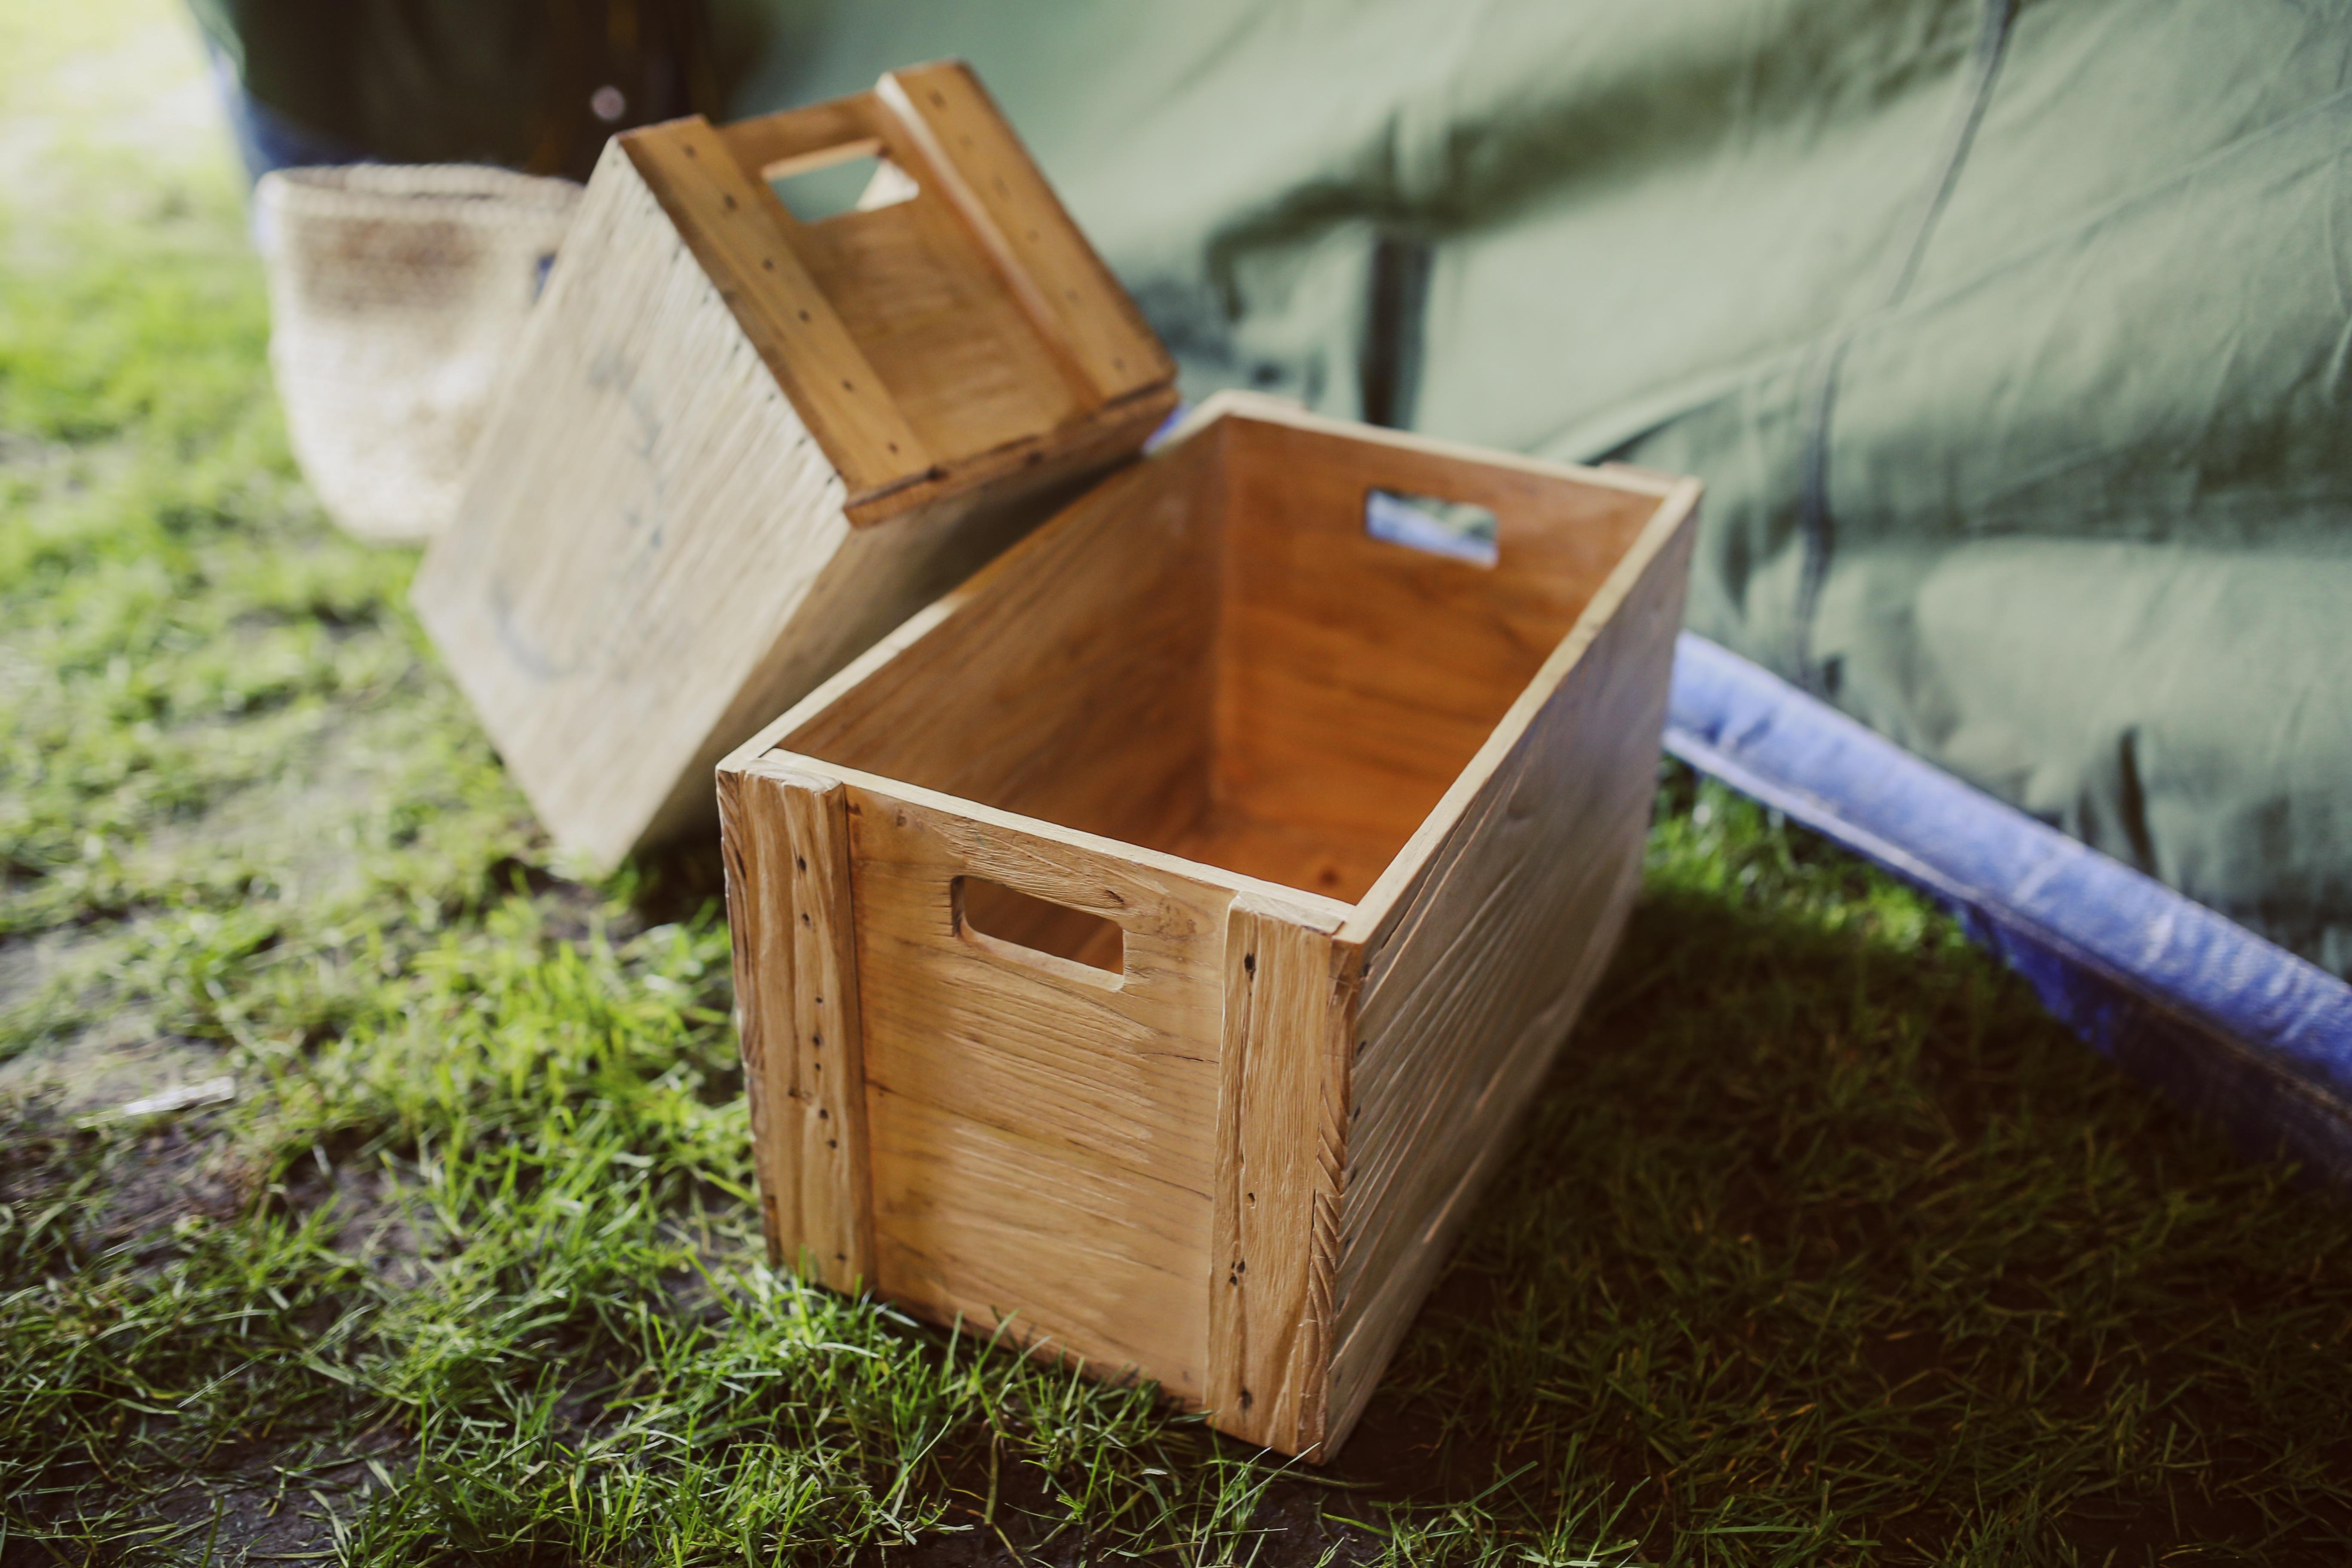 Fotos gratis : mesa, decoración, caja, mueble, agricultura, producto ...